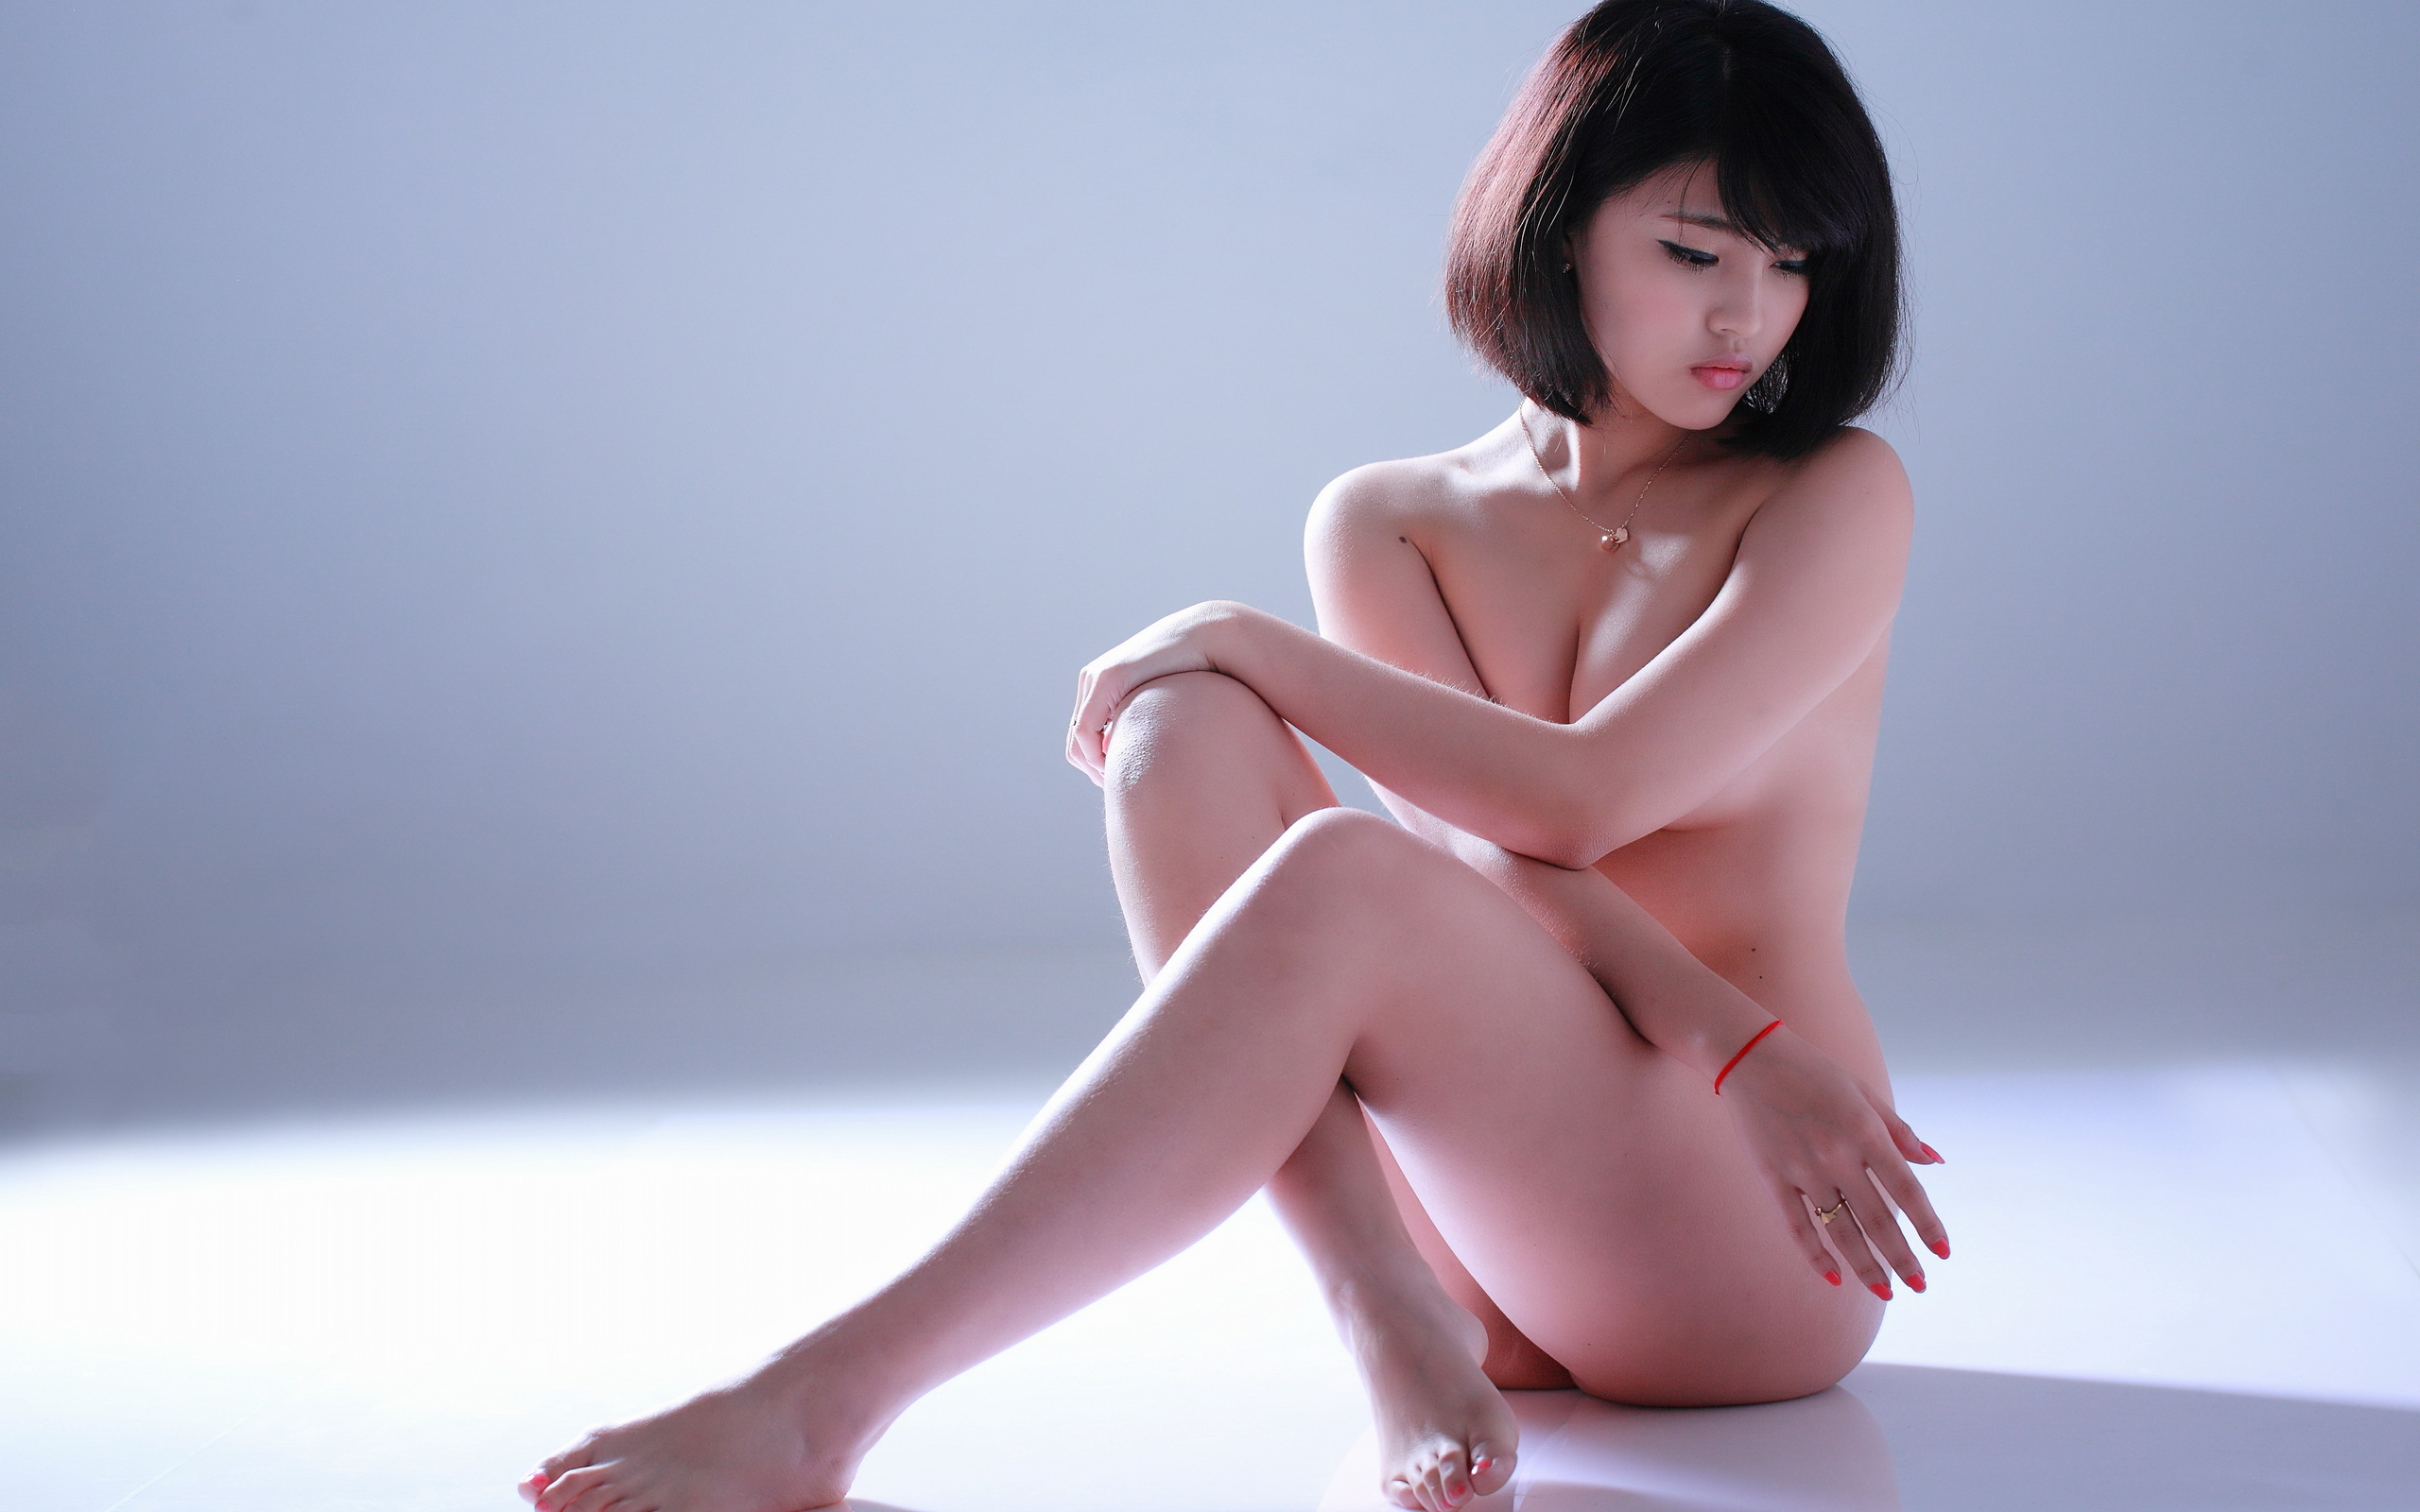 Эротика китайская девушка, Порно с Китаянками - секс с китайскими девушками 25 фотография